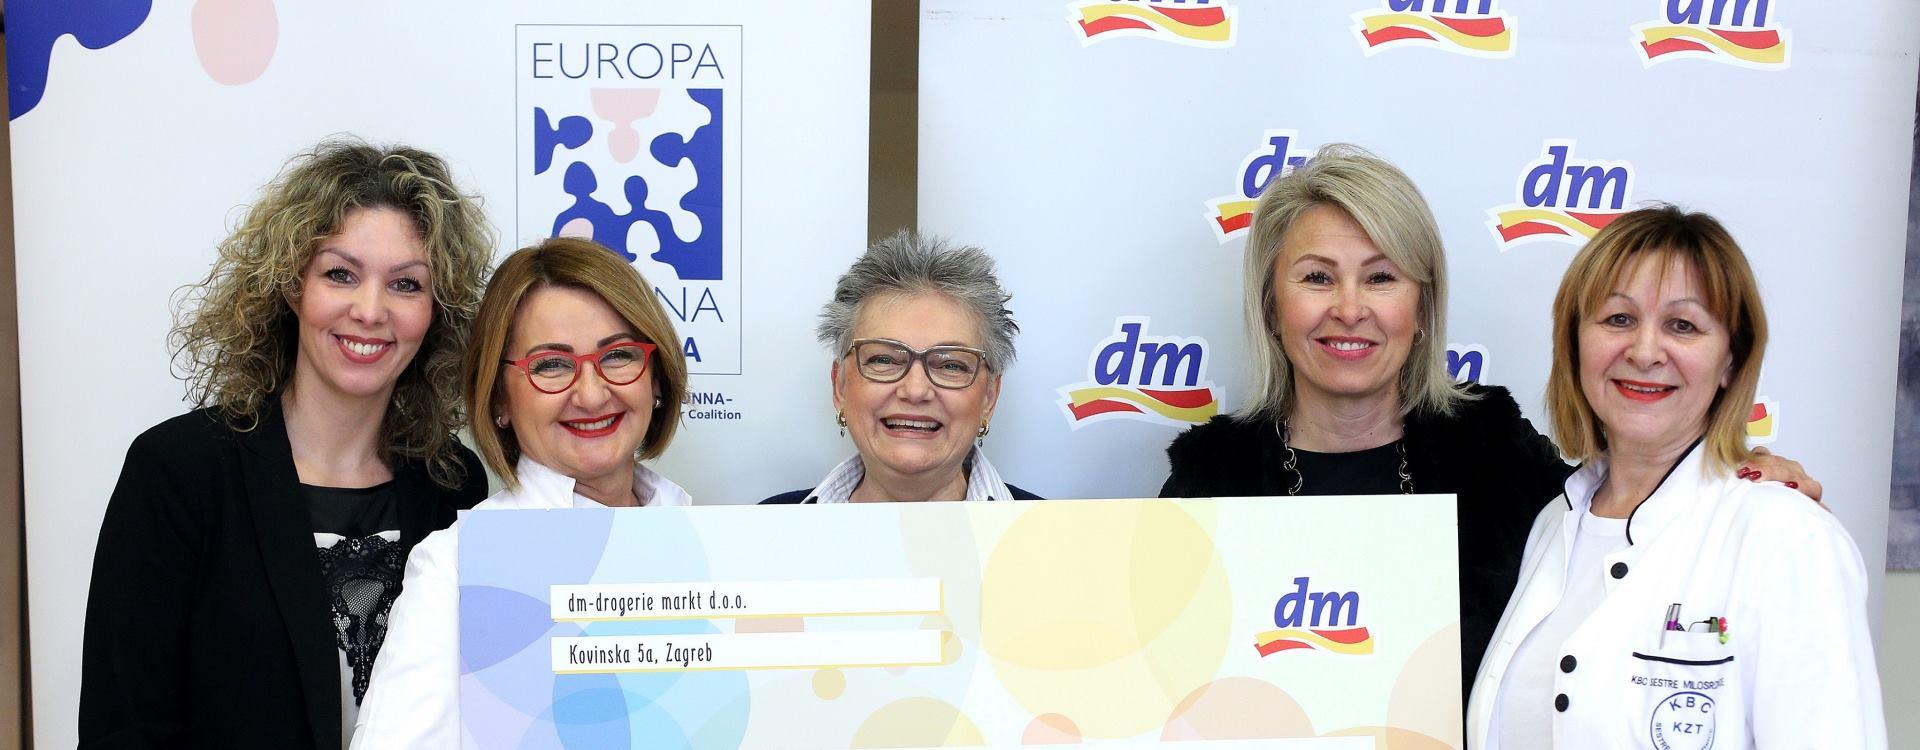 dm drogerie markt uručio donaciju Udruzi Europa Donna Hrvatska